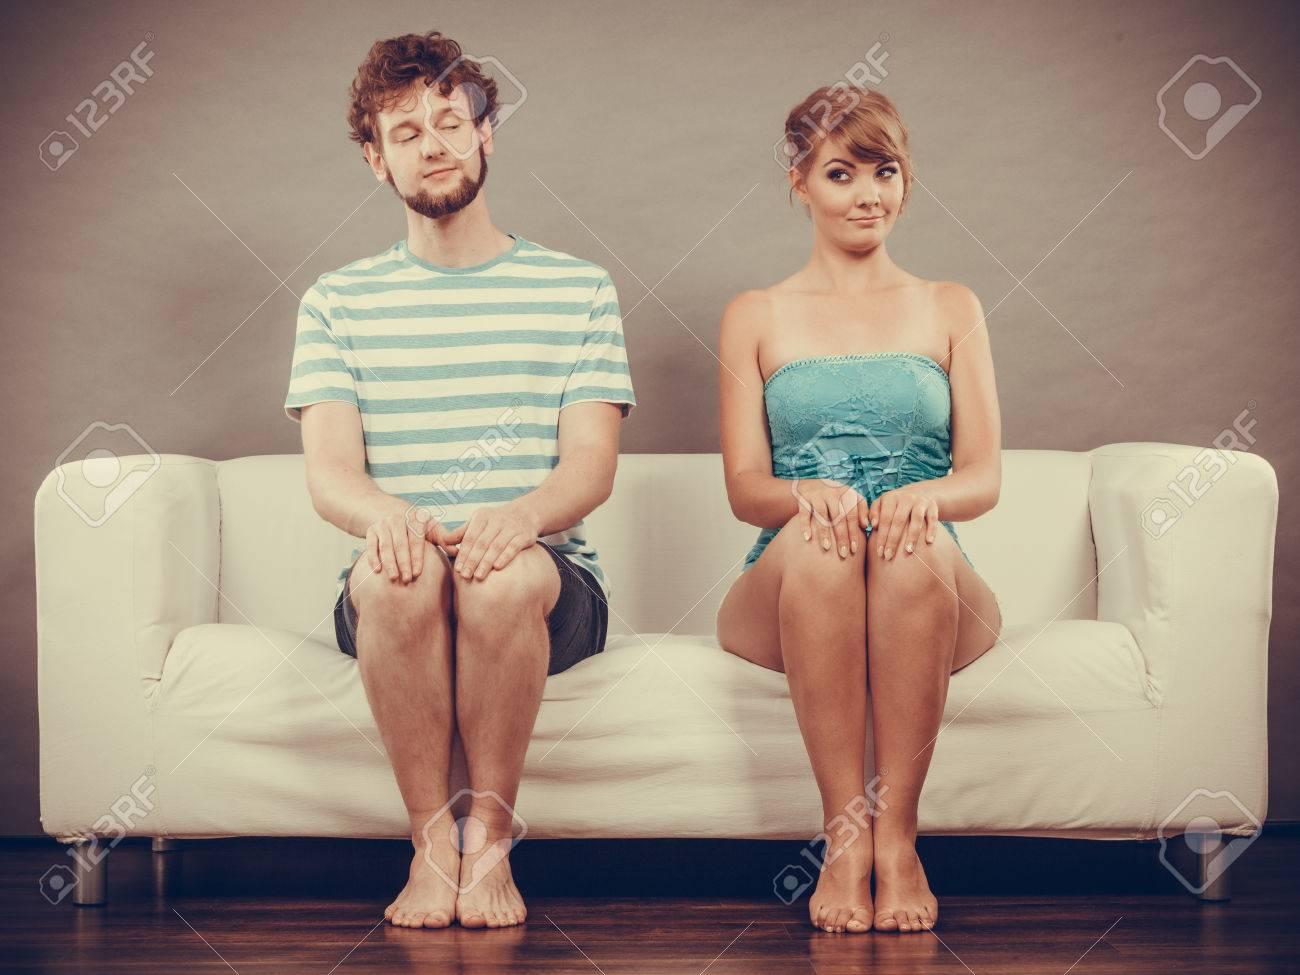 Vår tid datingsida kostar